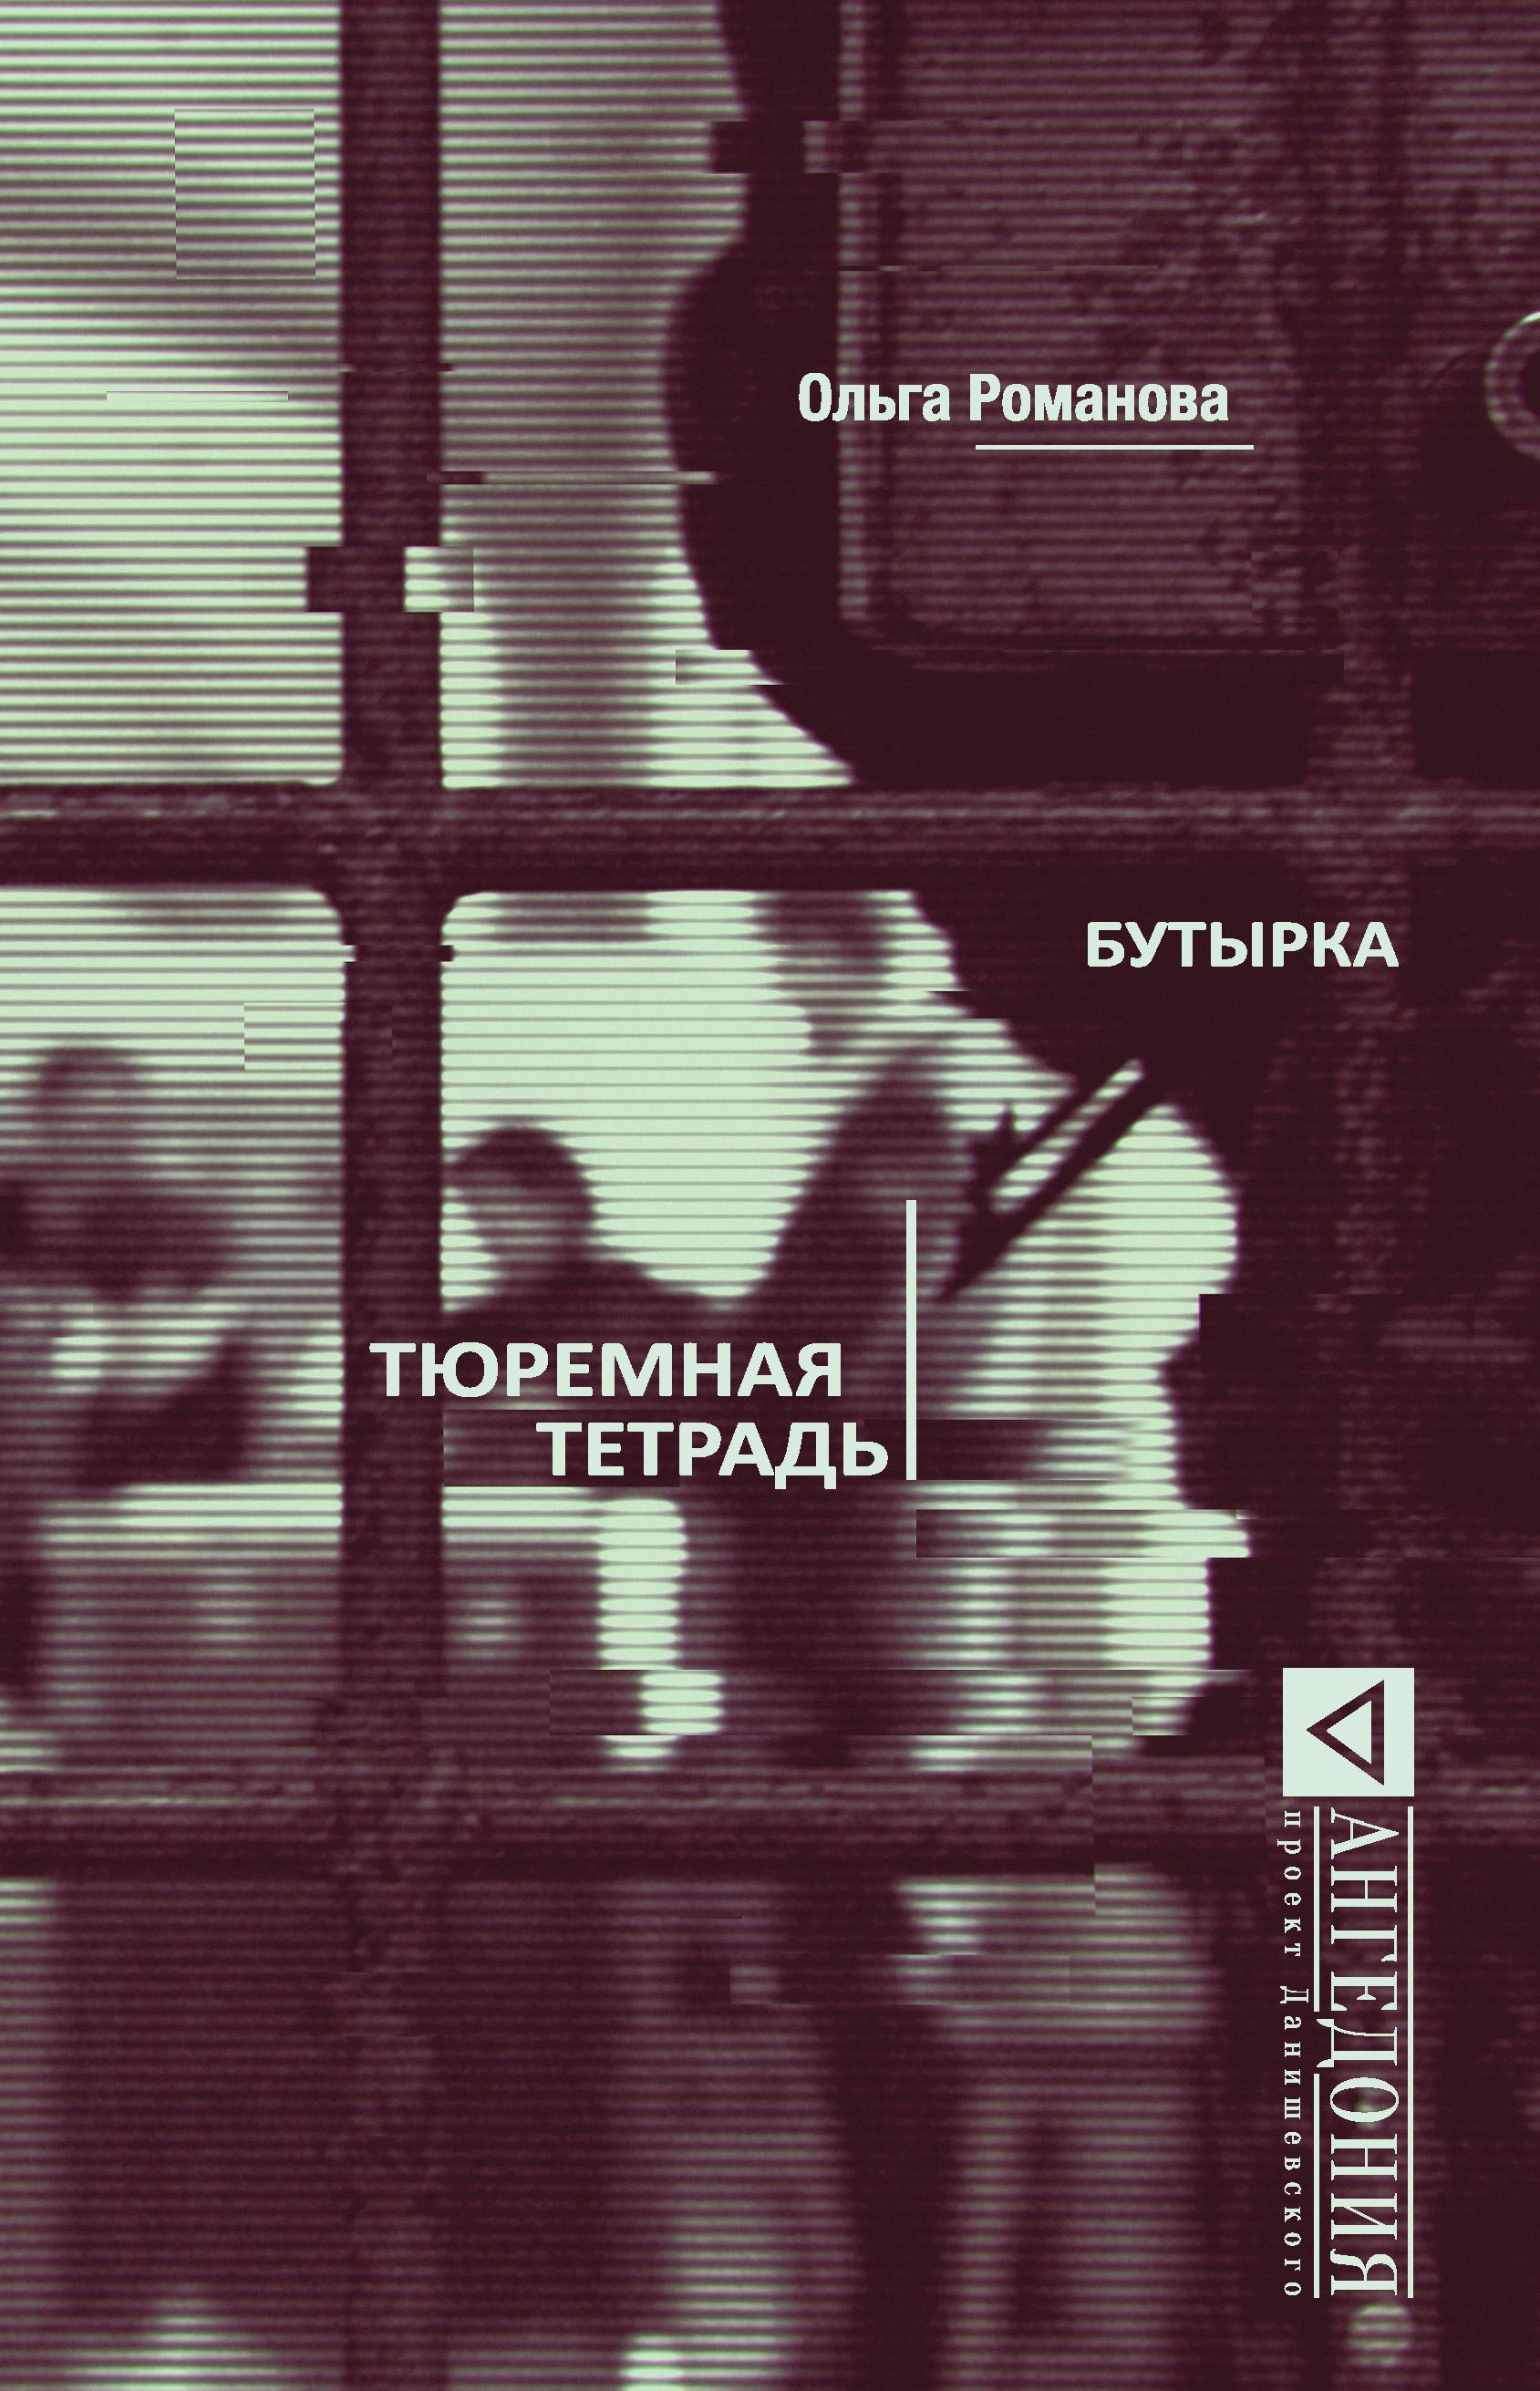 Ольга Романова Бутырка. Тюремная тетрадь бутырка бутырка mp3